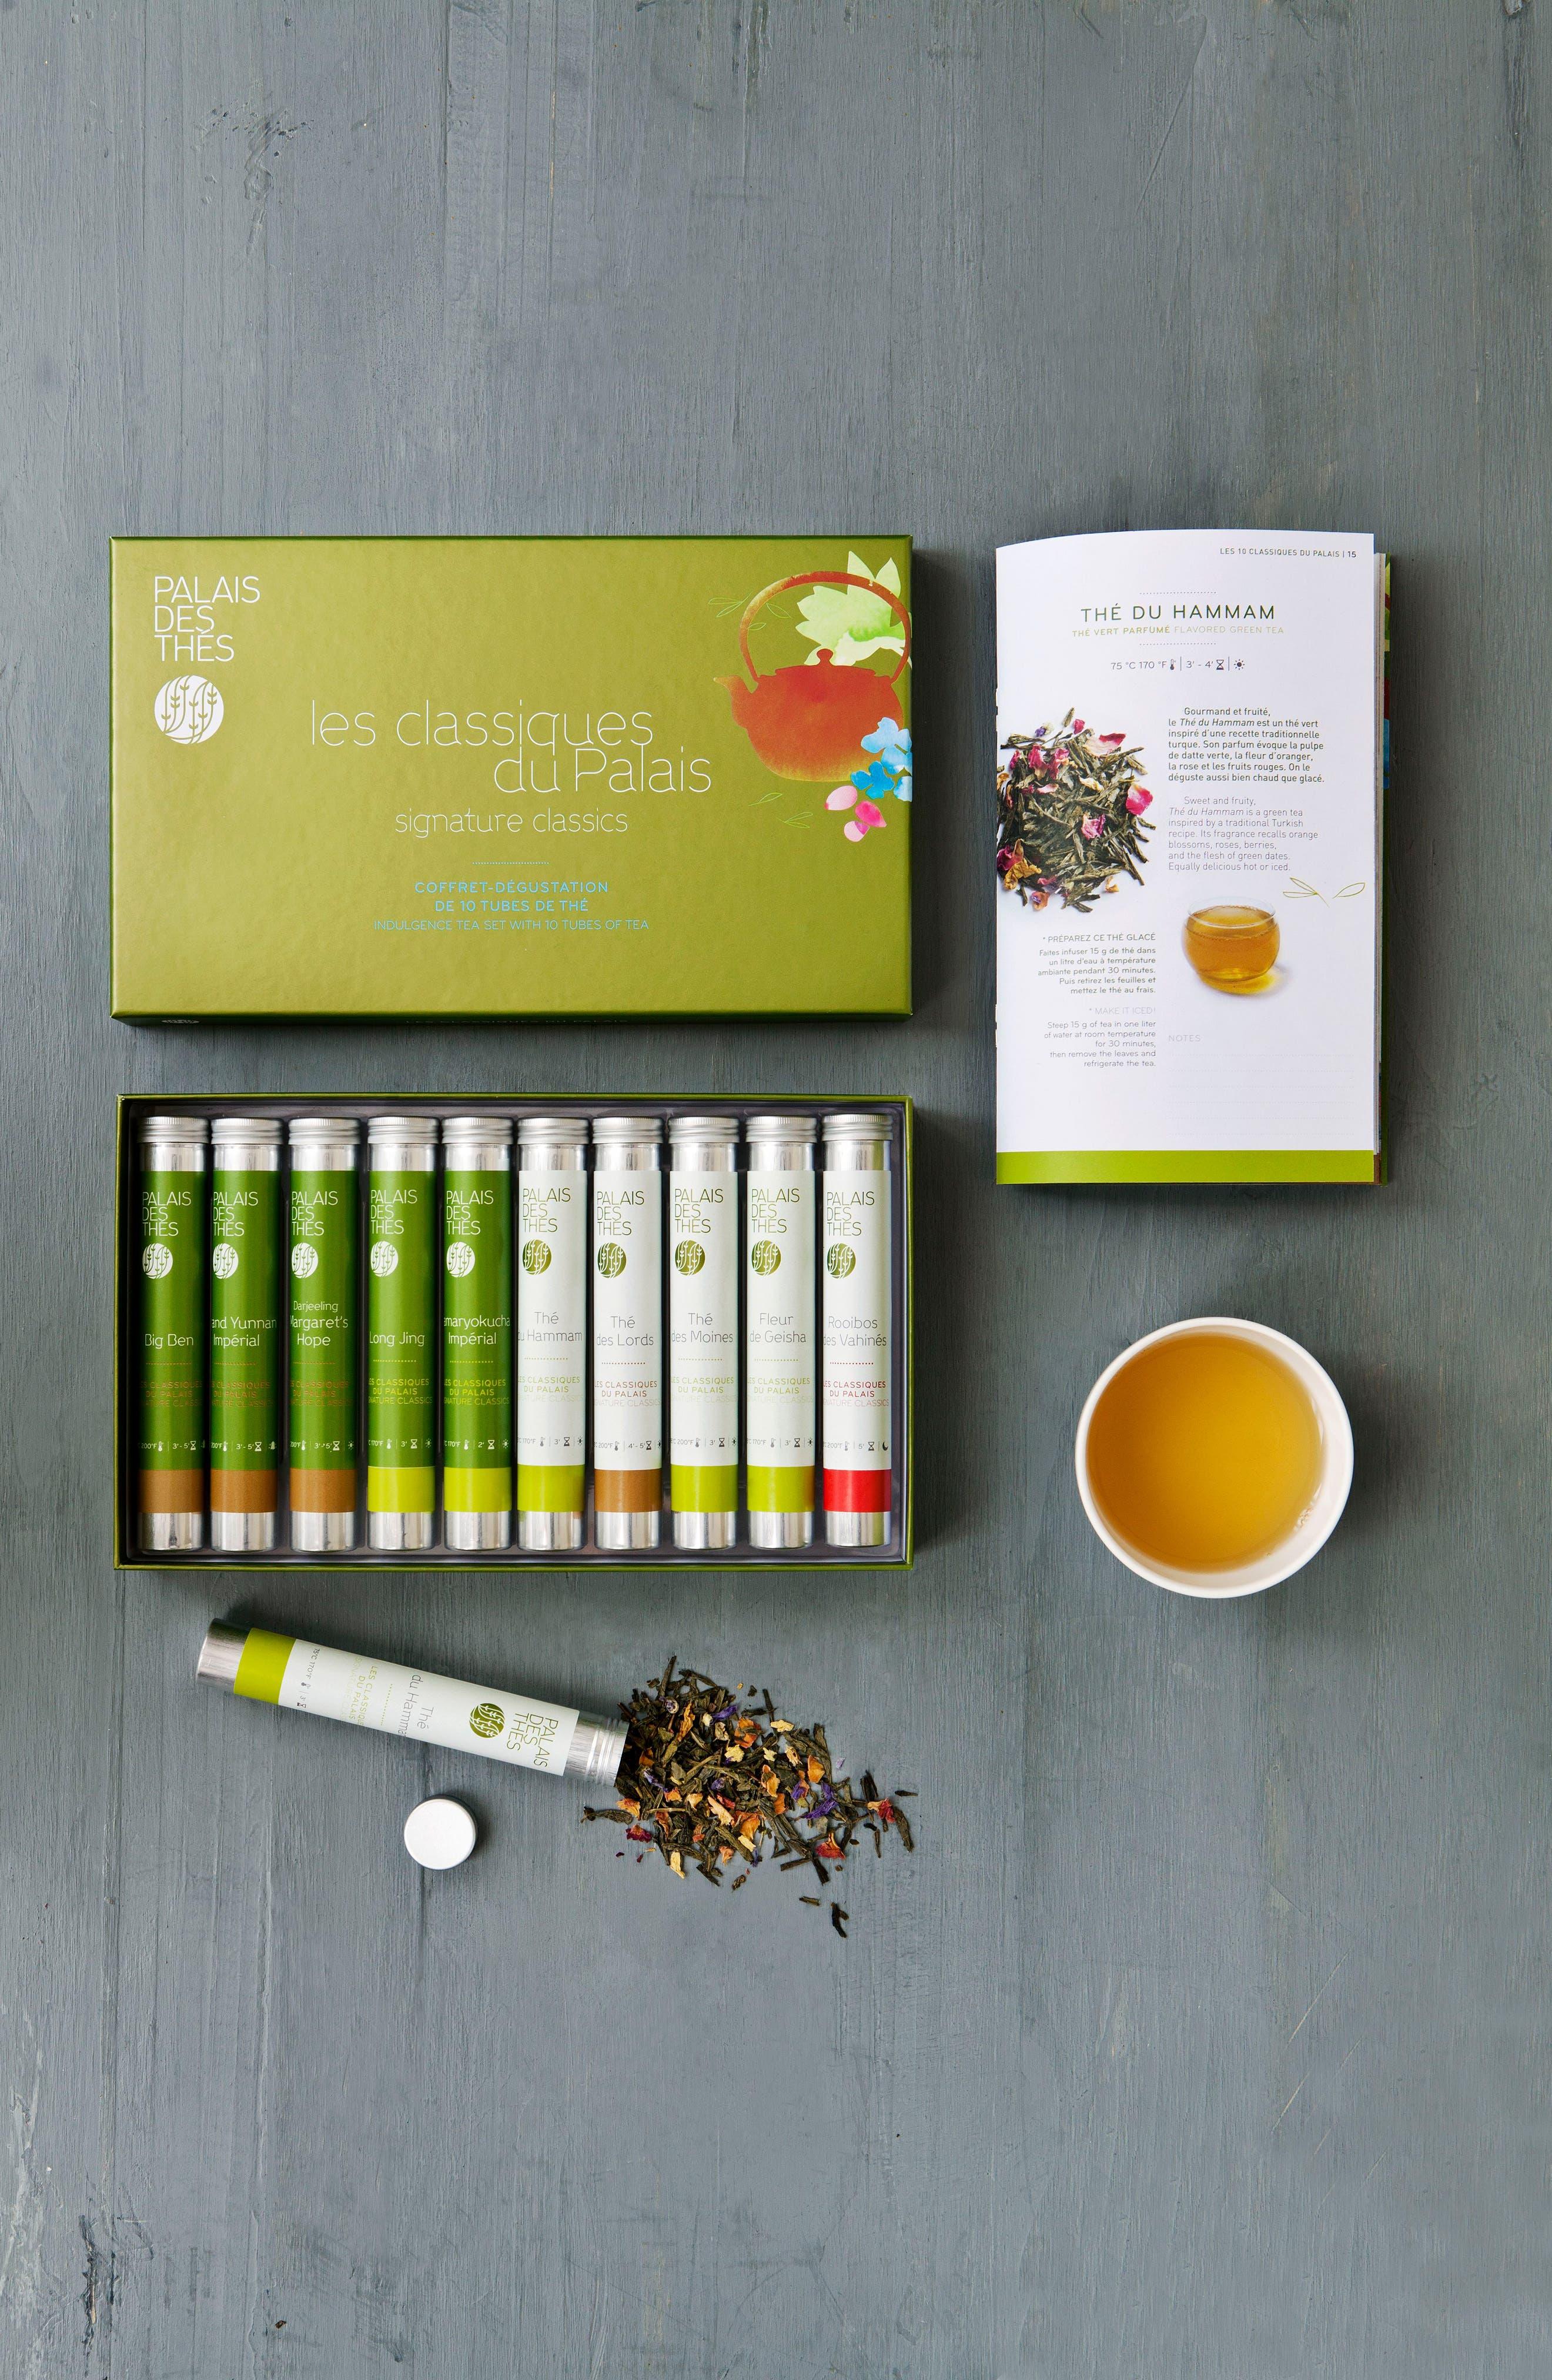 Signature Classics 10 Vial Loose Tea Tasting Set,                             Alternate thumbnail 2, color,                             SIGNATURE CLASSICS